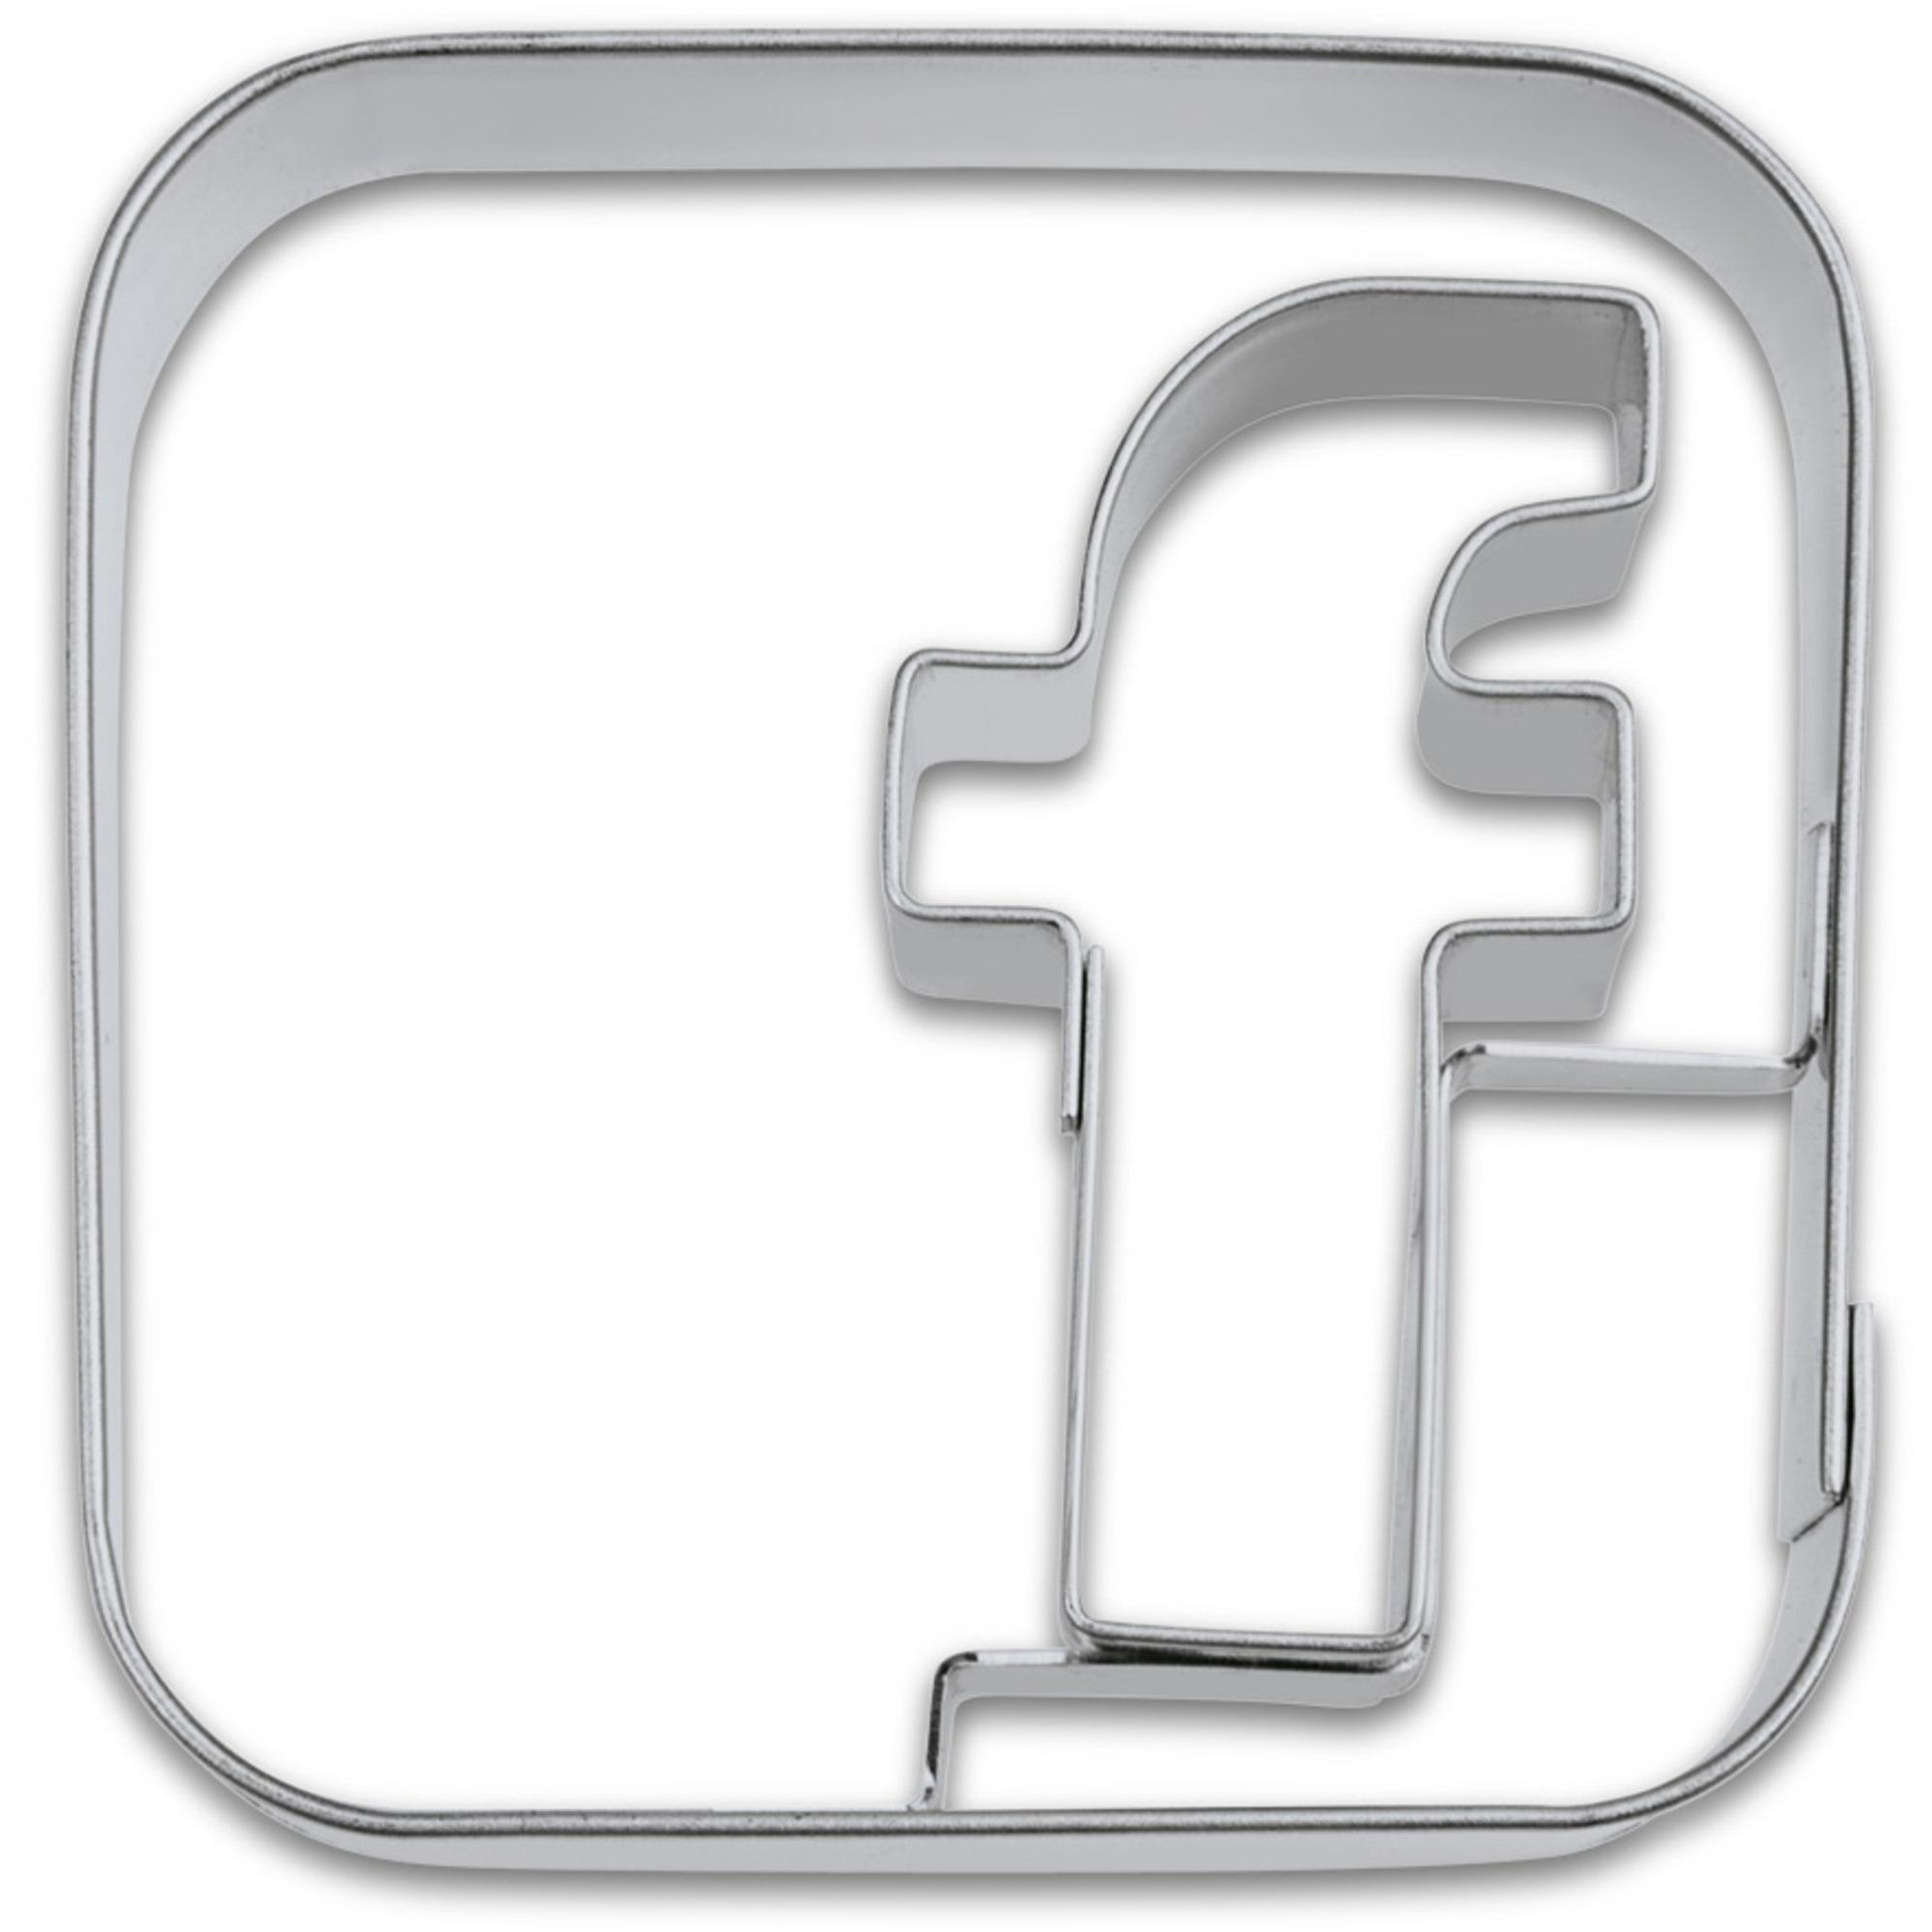 Städter Kakform Utstickare App Facebook